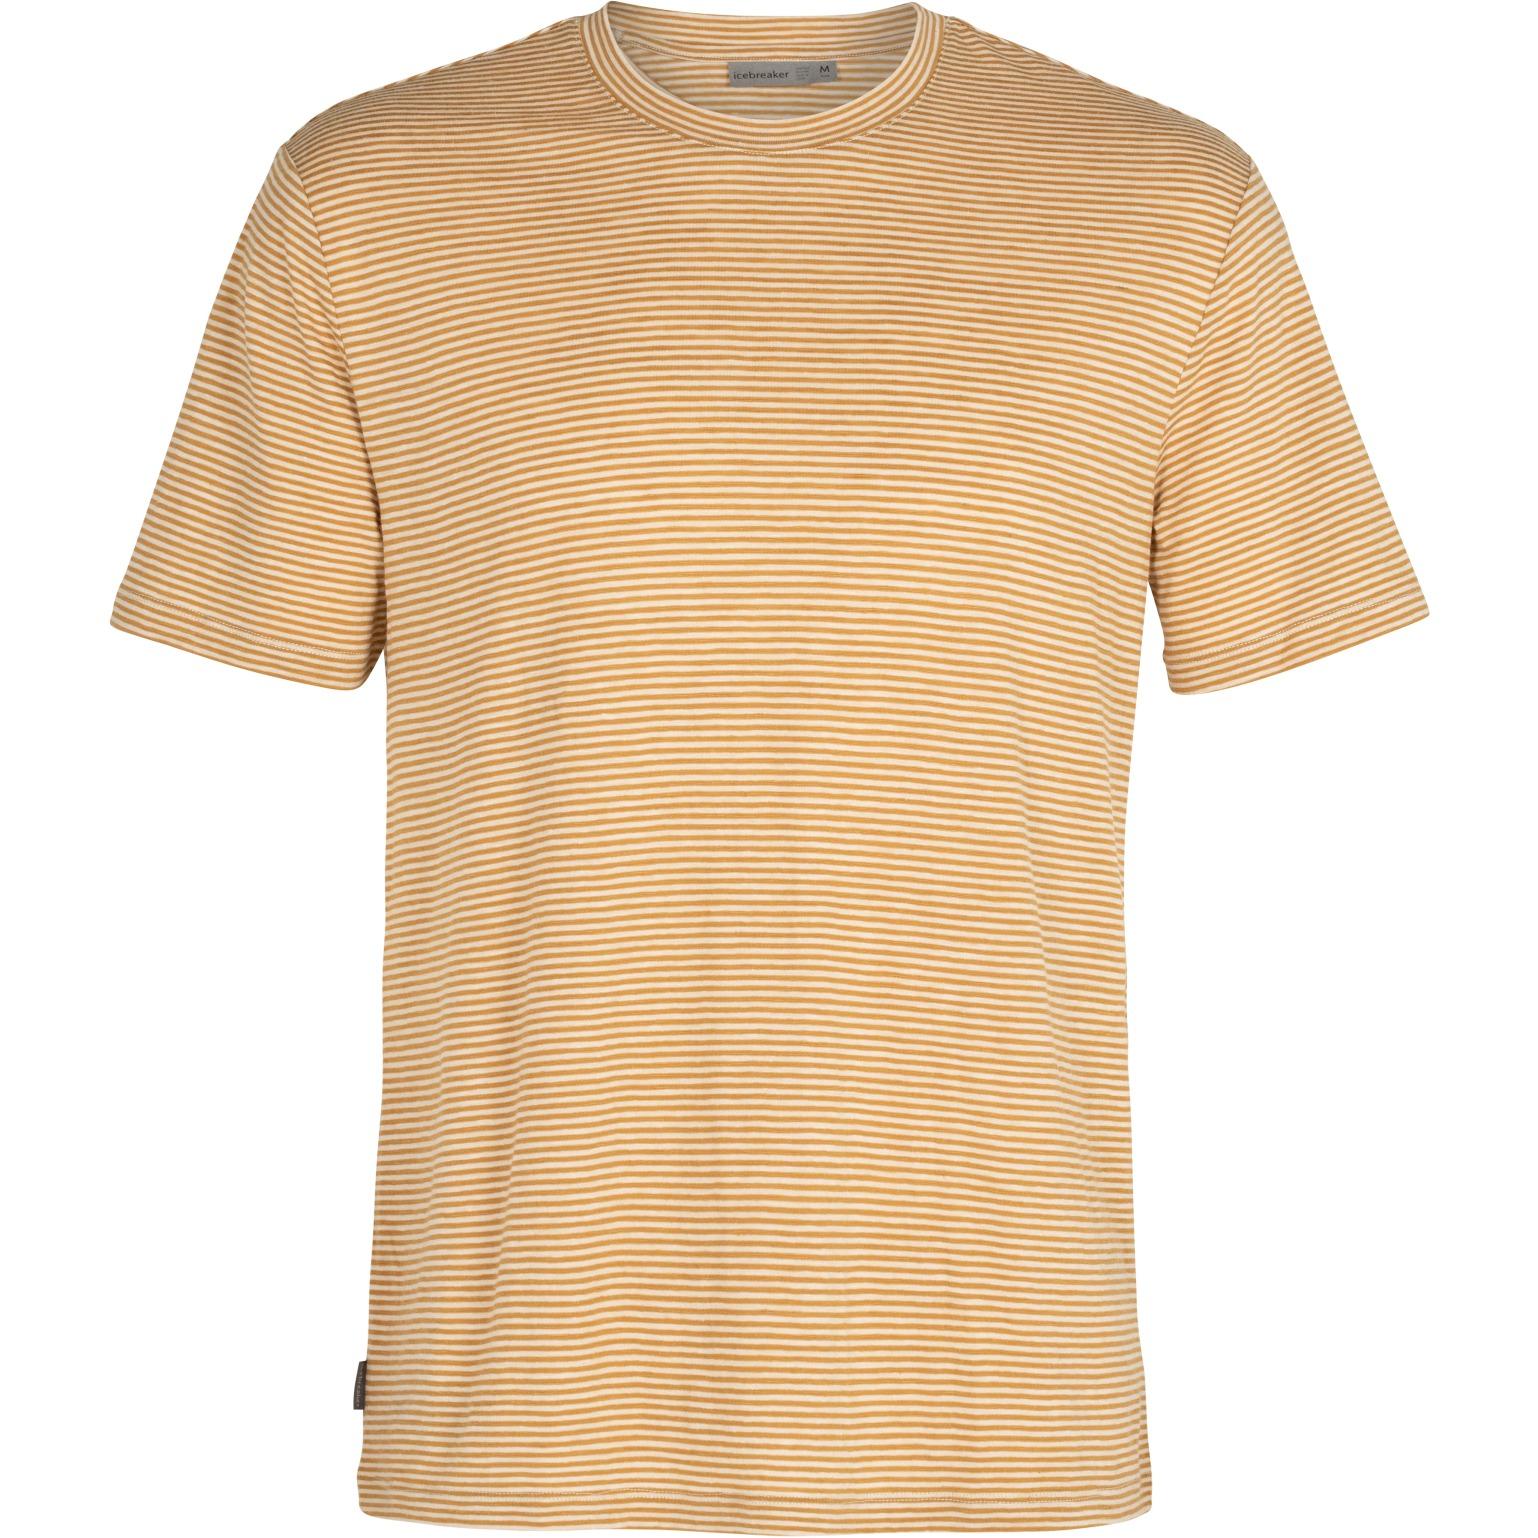 Produktbild von Icebreaker Dowlas Crewe Stripe Herren T-Shirt - Twig